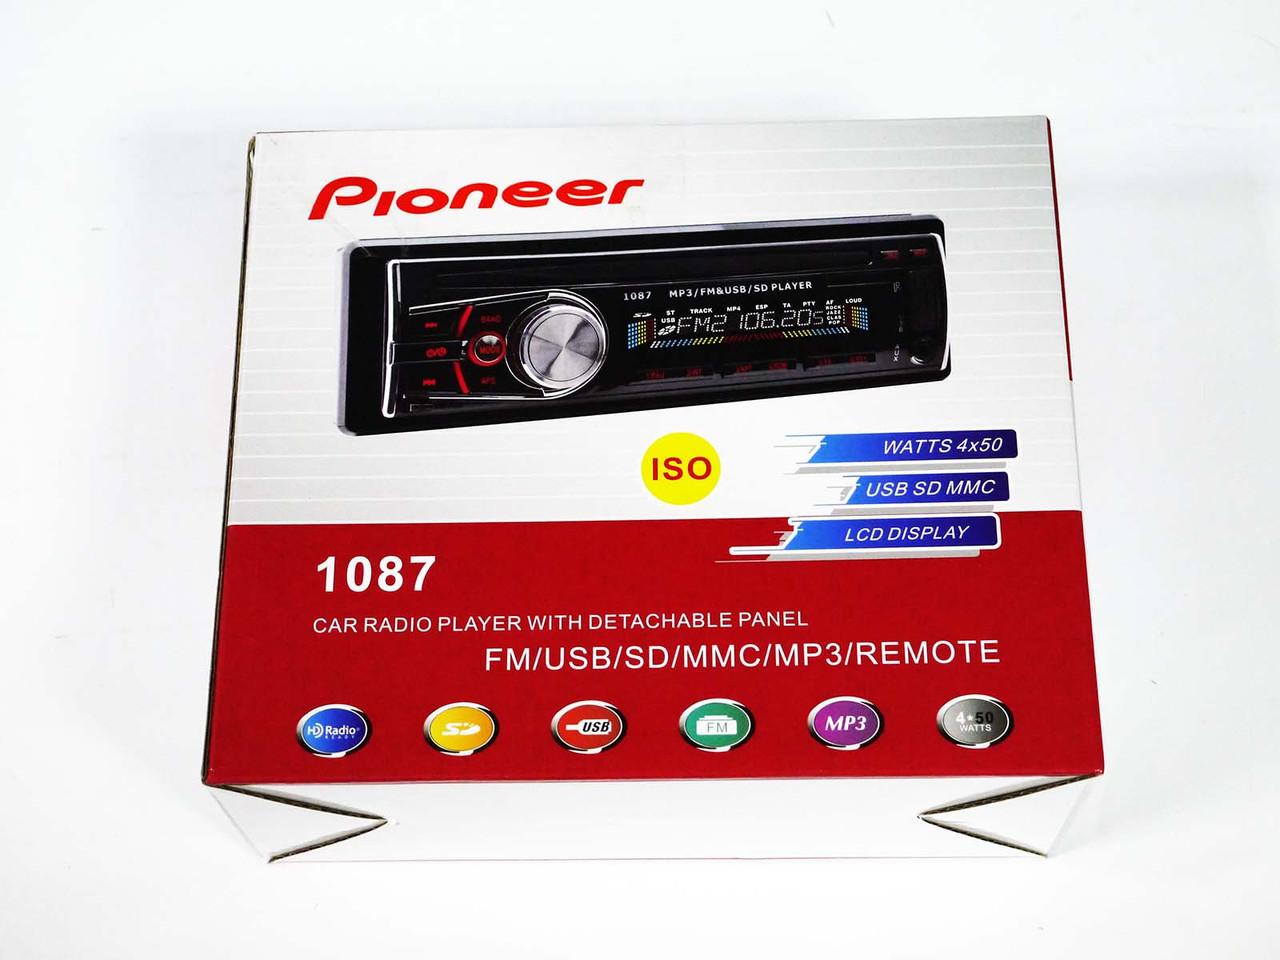 Автомагнитола Pioneer 1087 Usb+Sd+Fm+Aux+СЪЕМНАЯ ПАНЕЛЬ